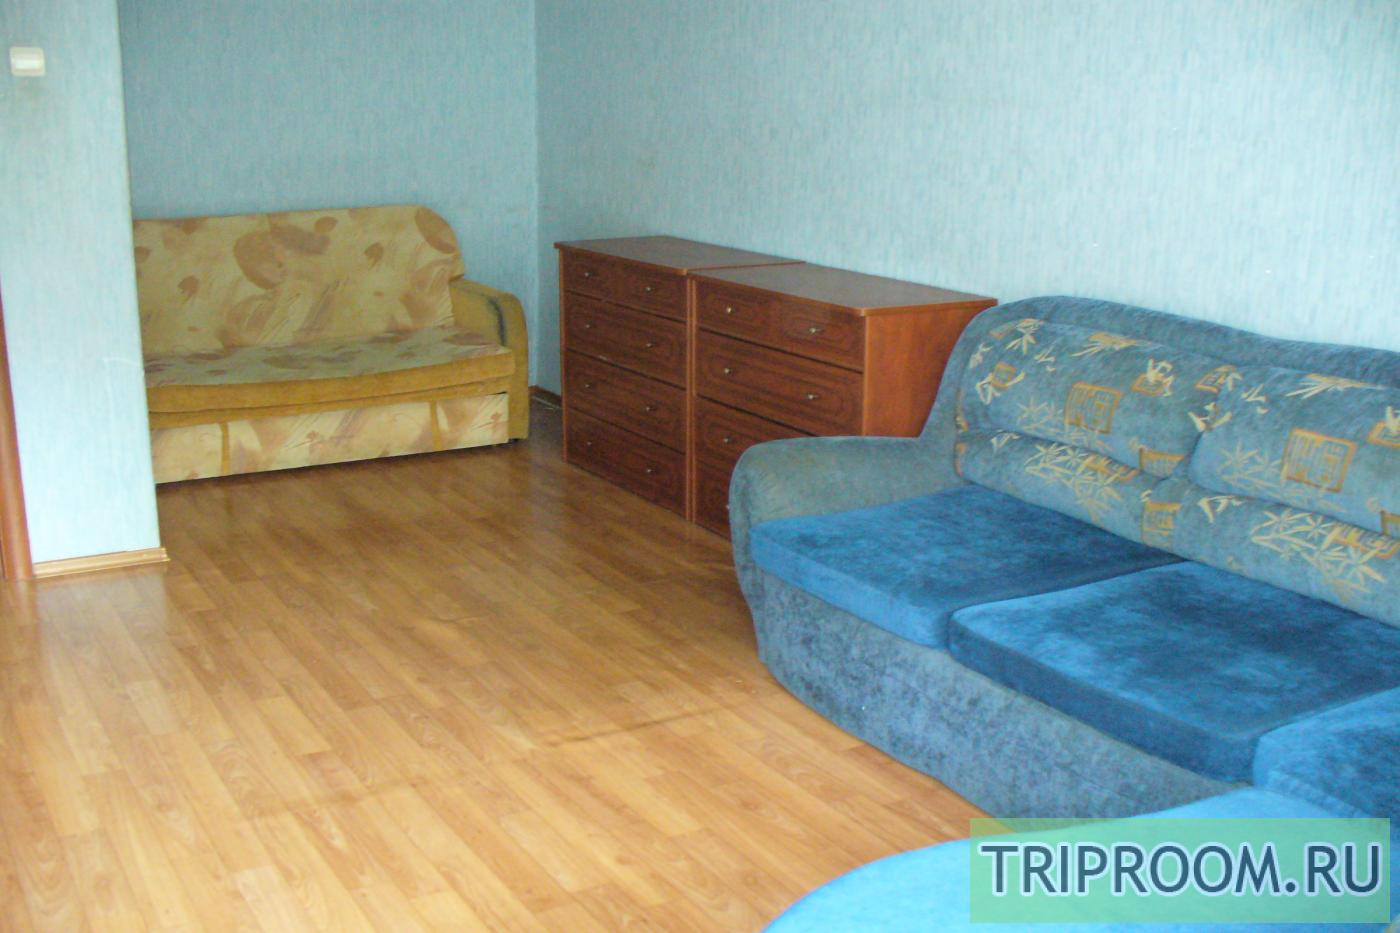 1-комнатная квартира посуточно (вариант № 15396), ул. Елизаровых улица, фото № 1